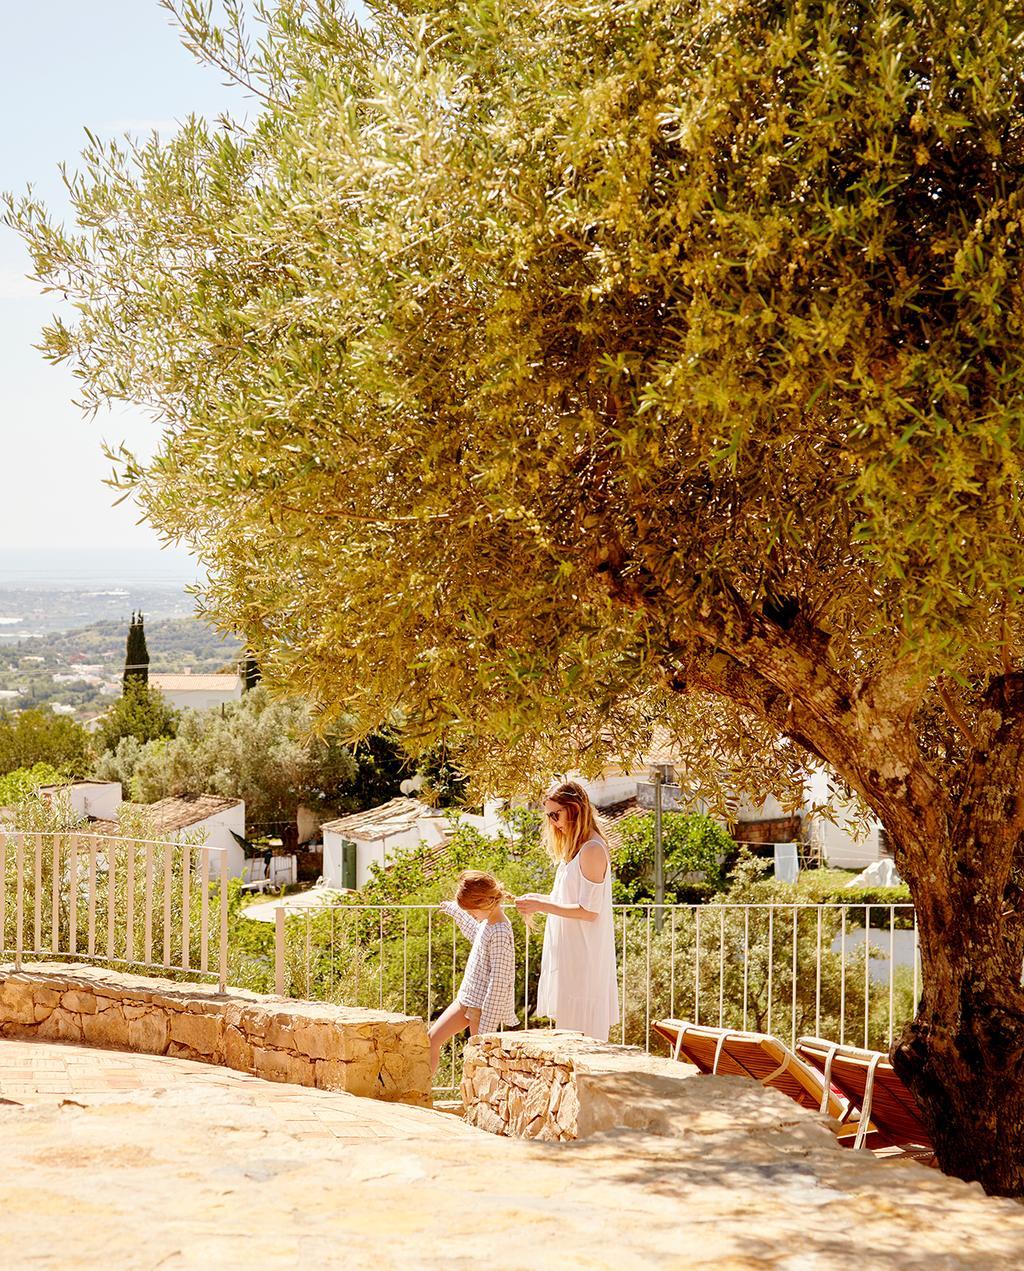 vtwonen tuin special 2 2020 | natuur uitzicht zomerhuis Corotelo